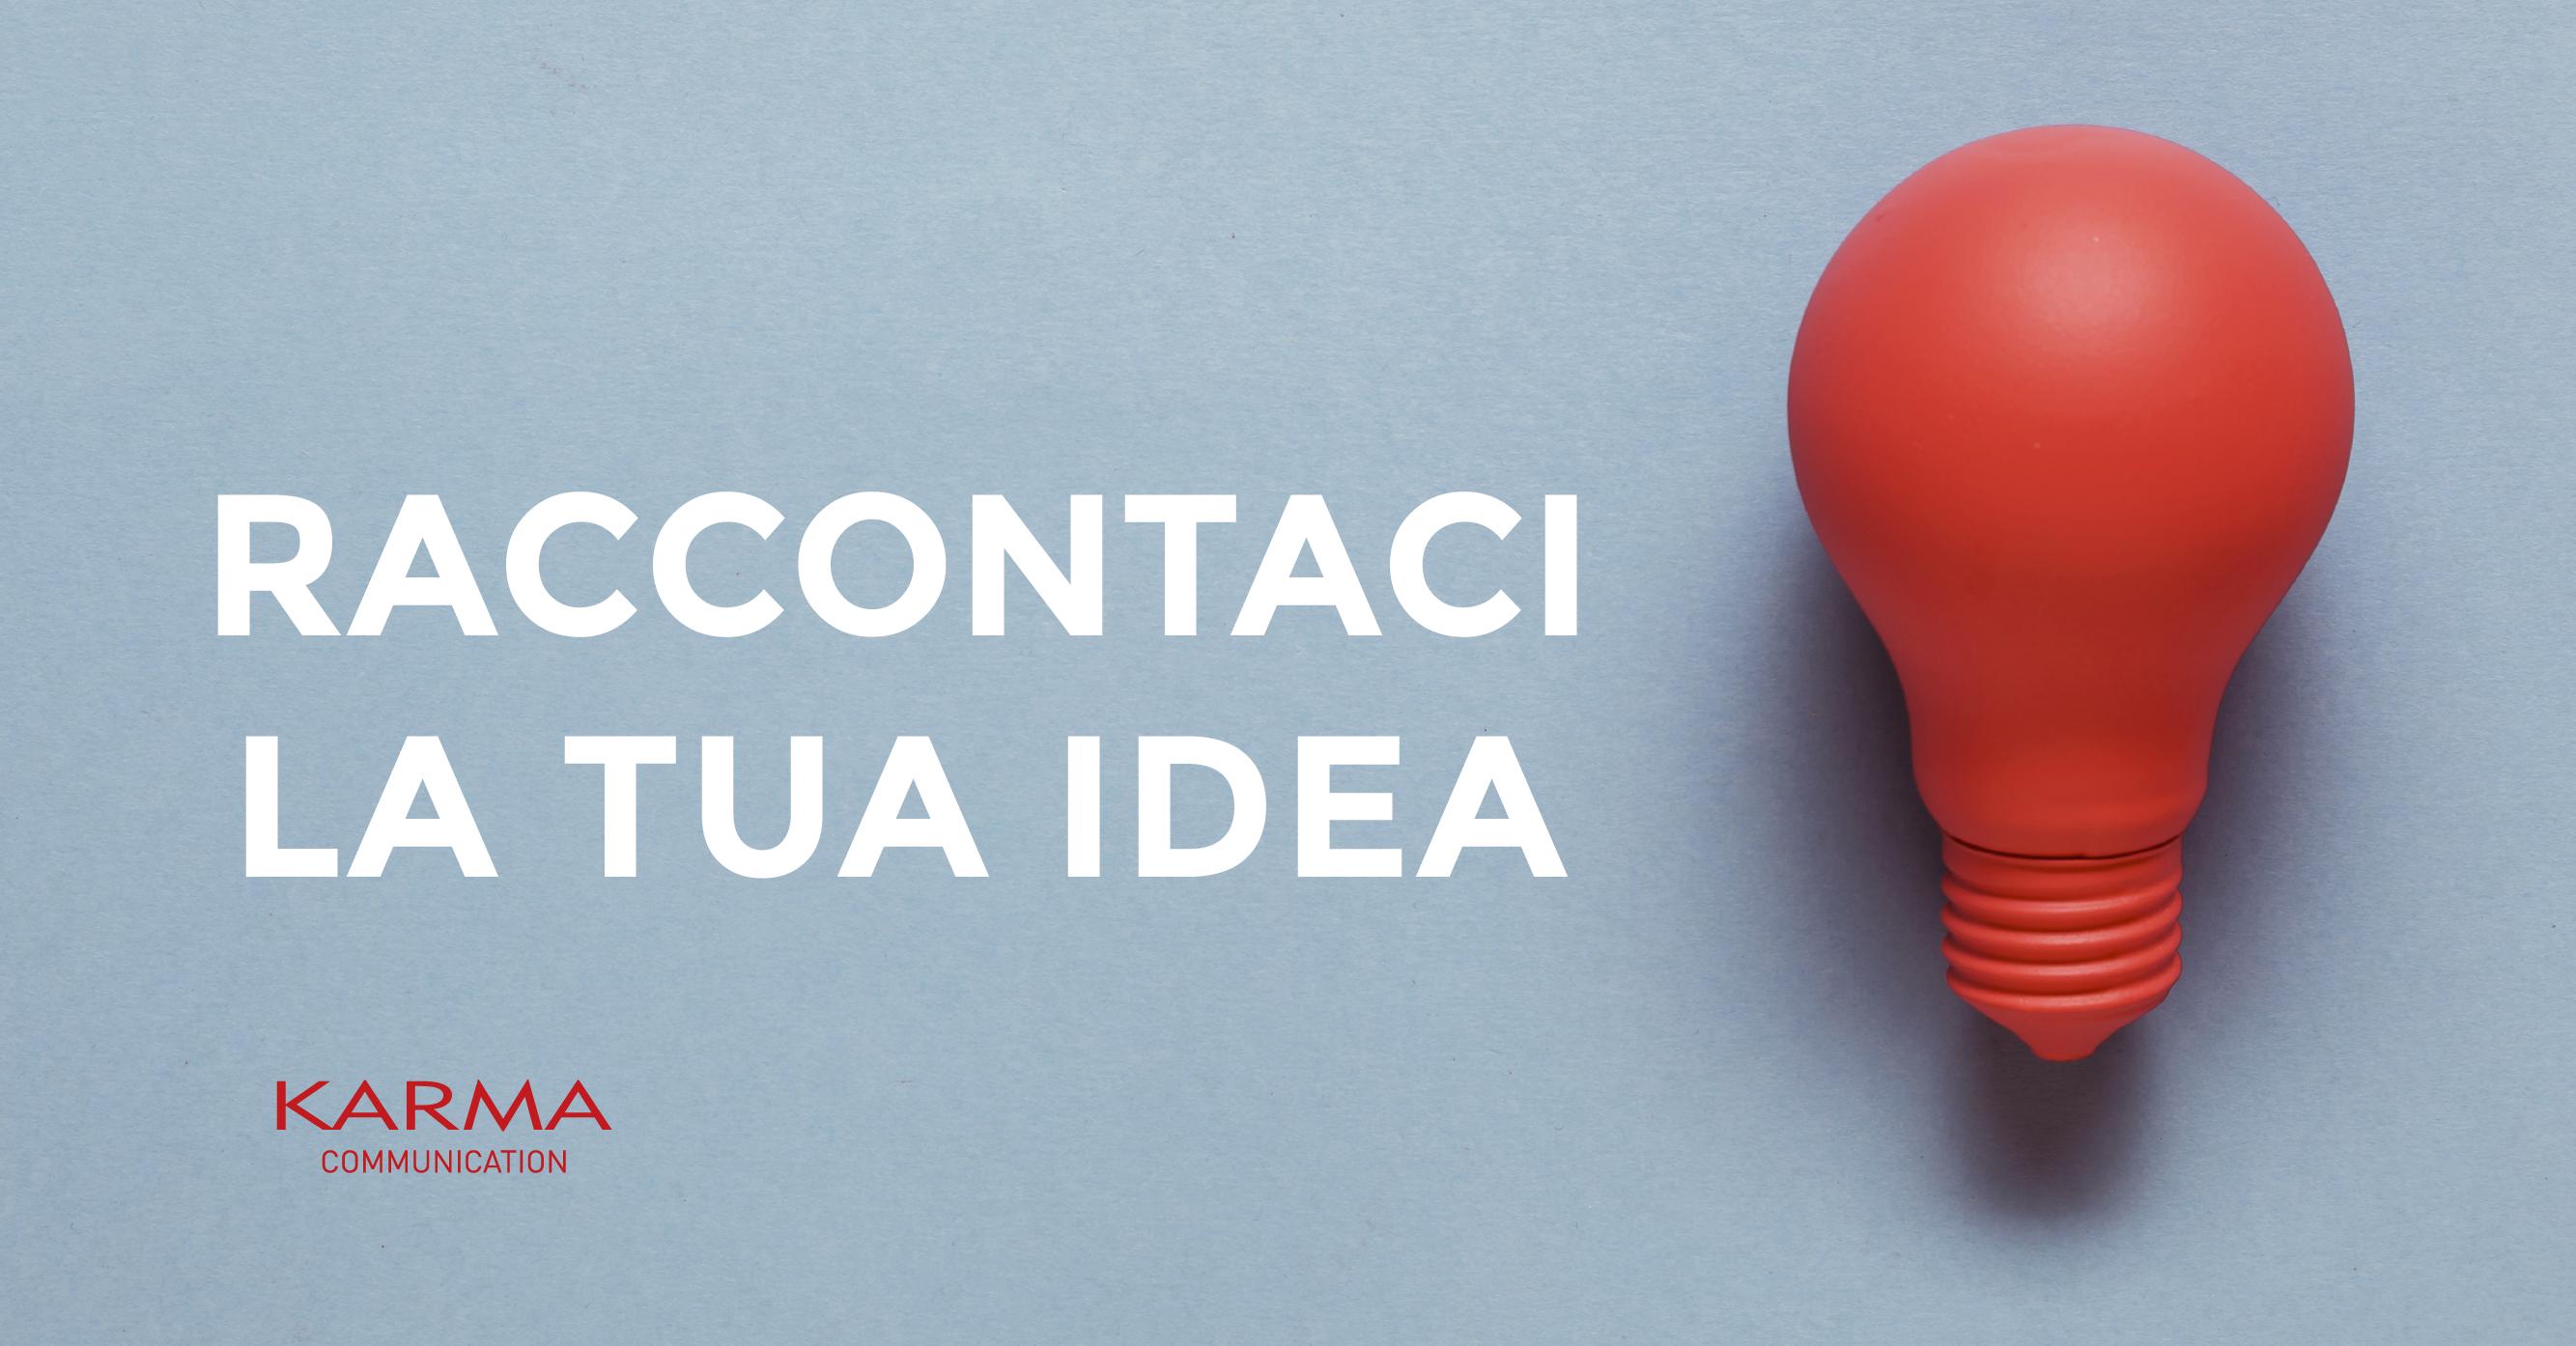 Karma Communication - raccontaci la tua idea